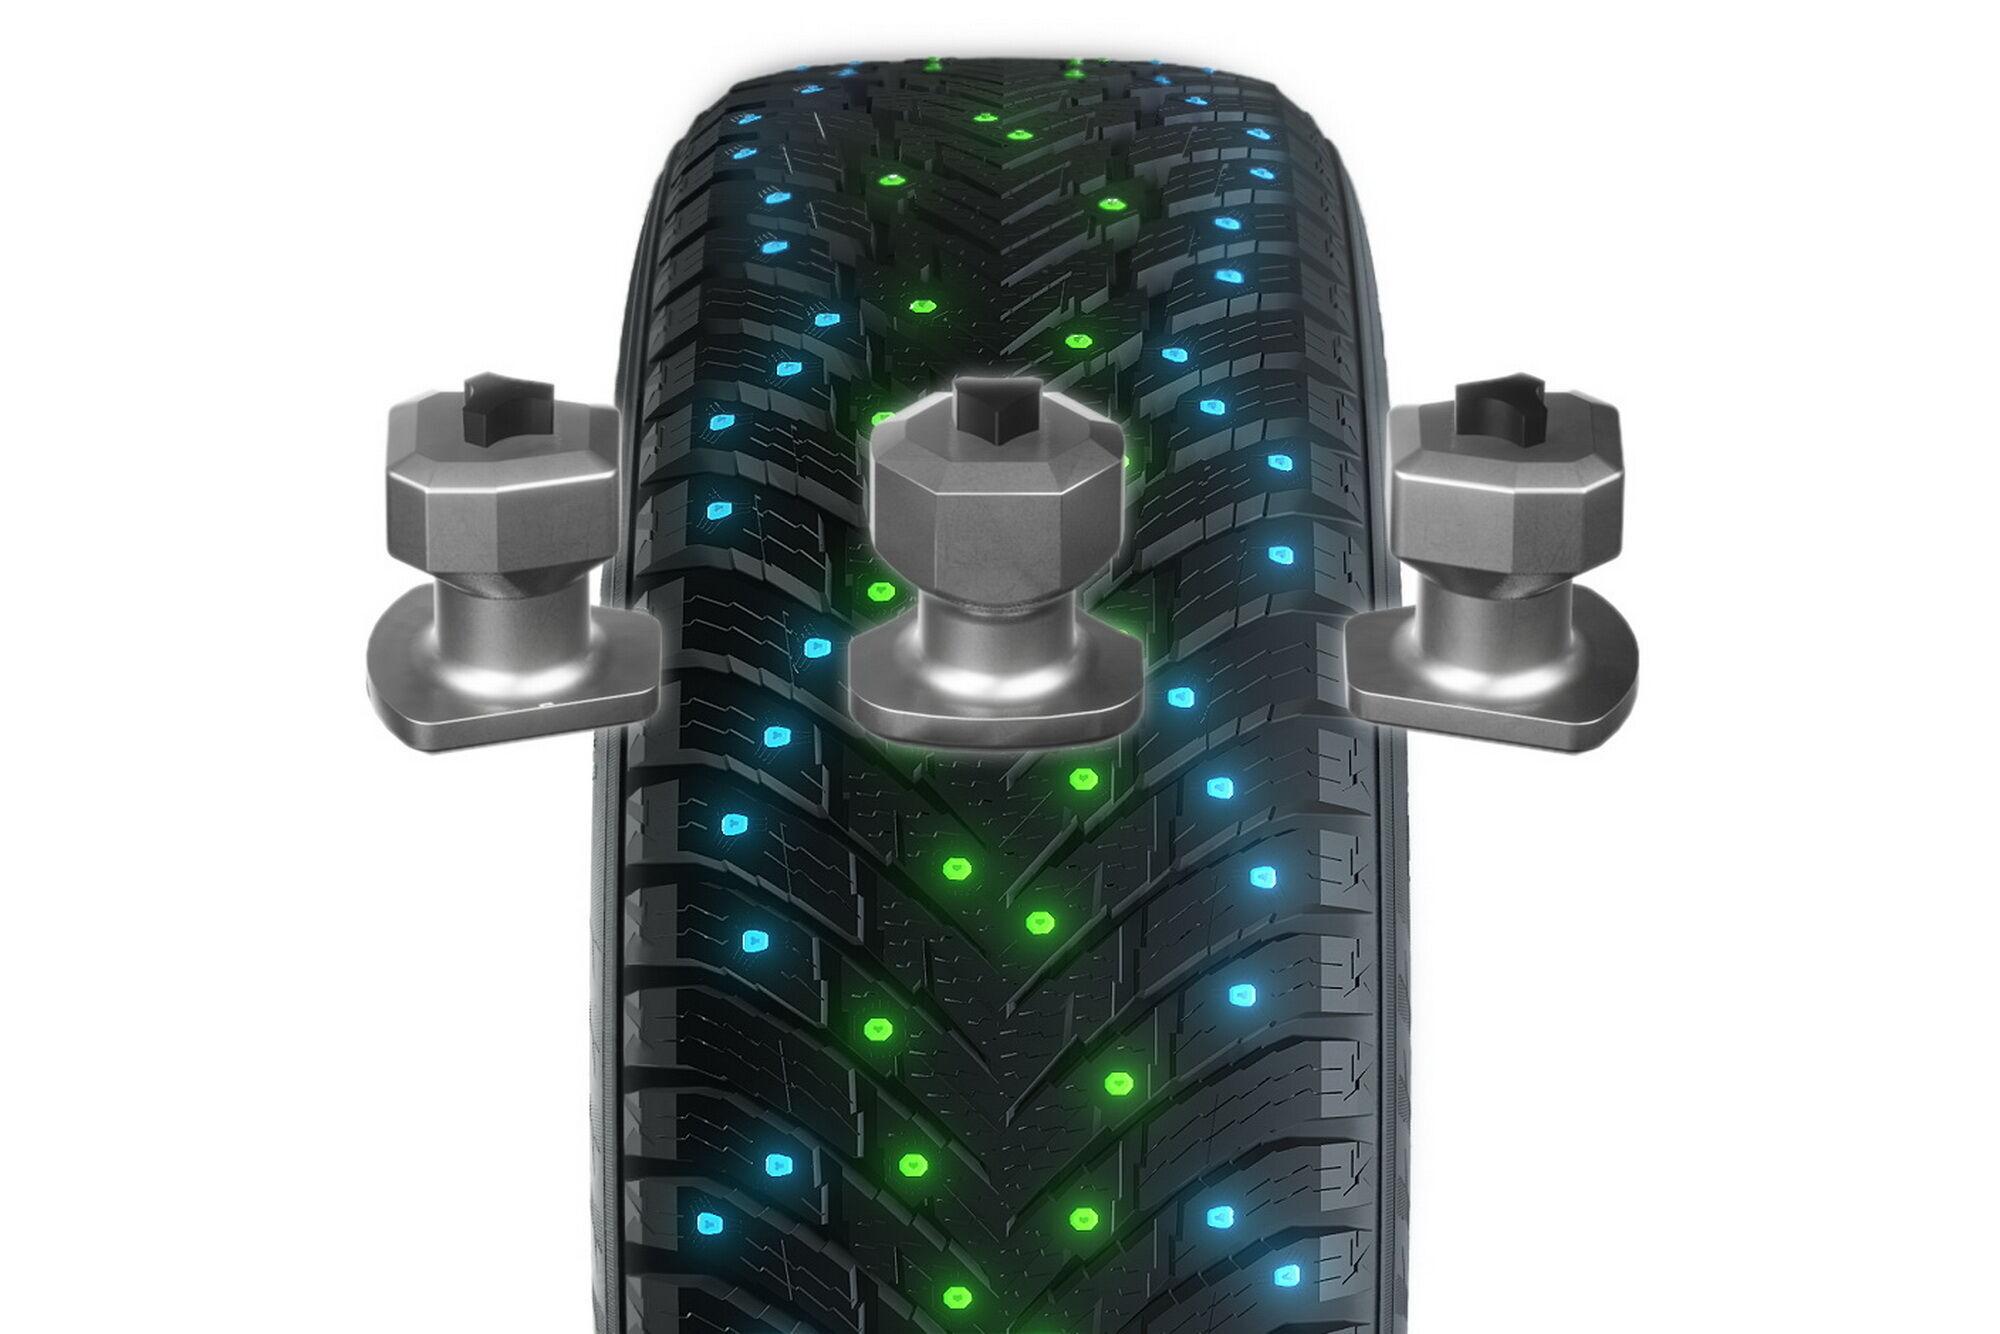 Використання двох різних типів шипів дає змогу значно поліпшити поведінку шини у різних дорожніх умовах